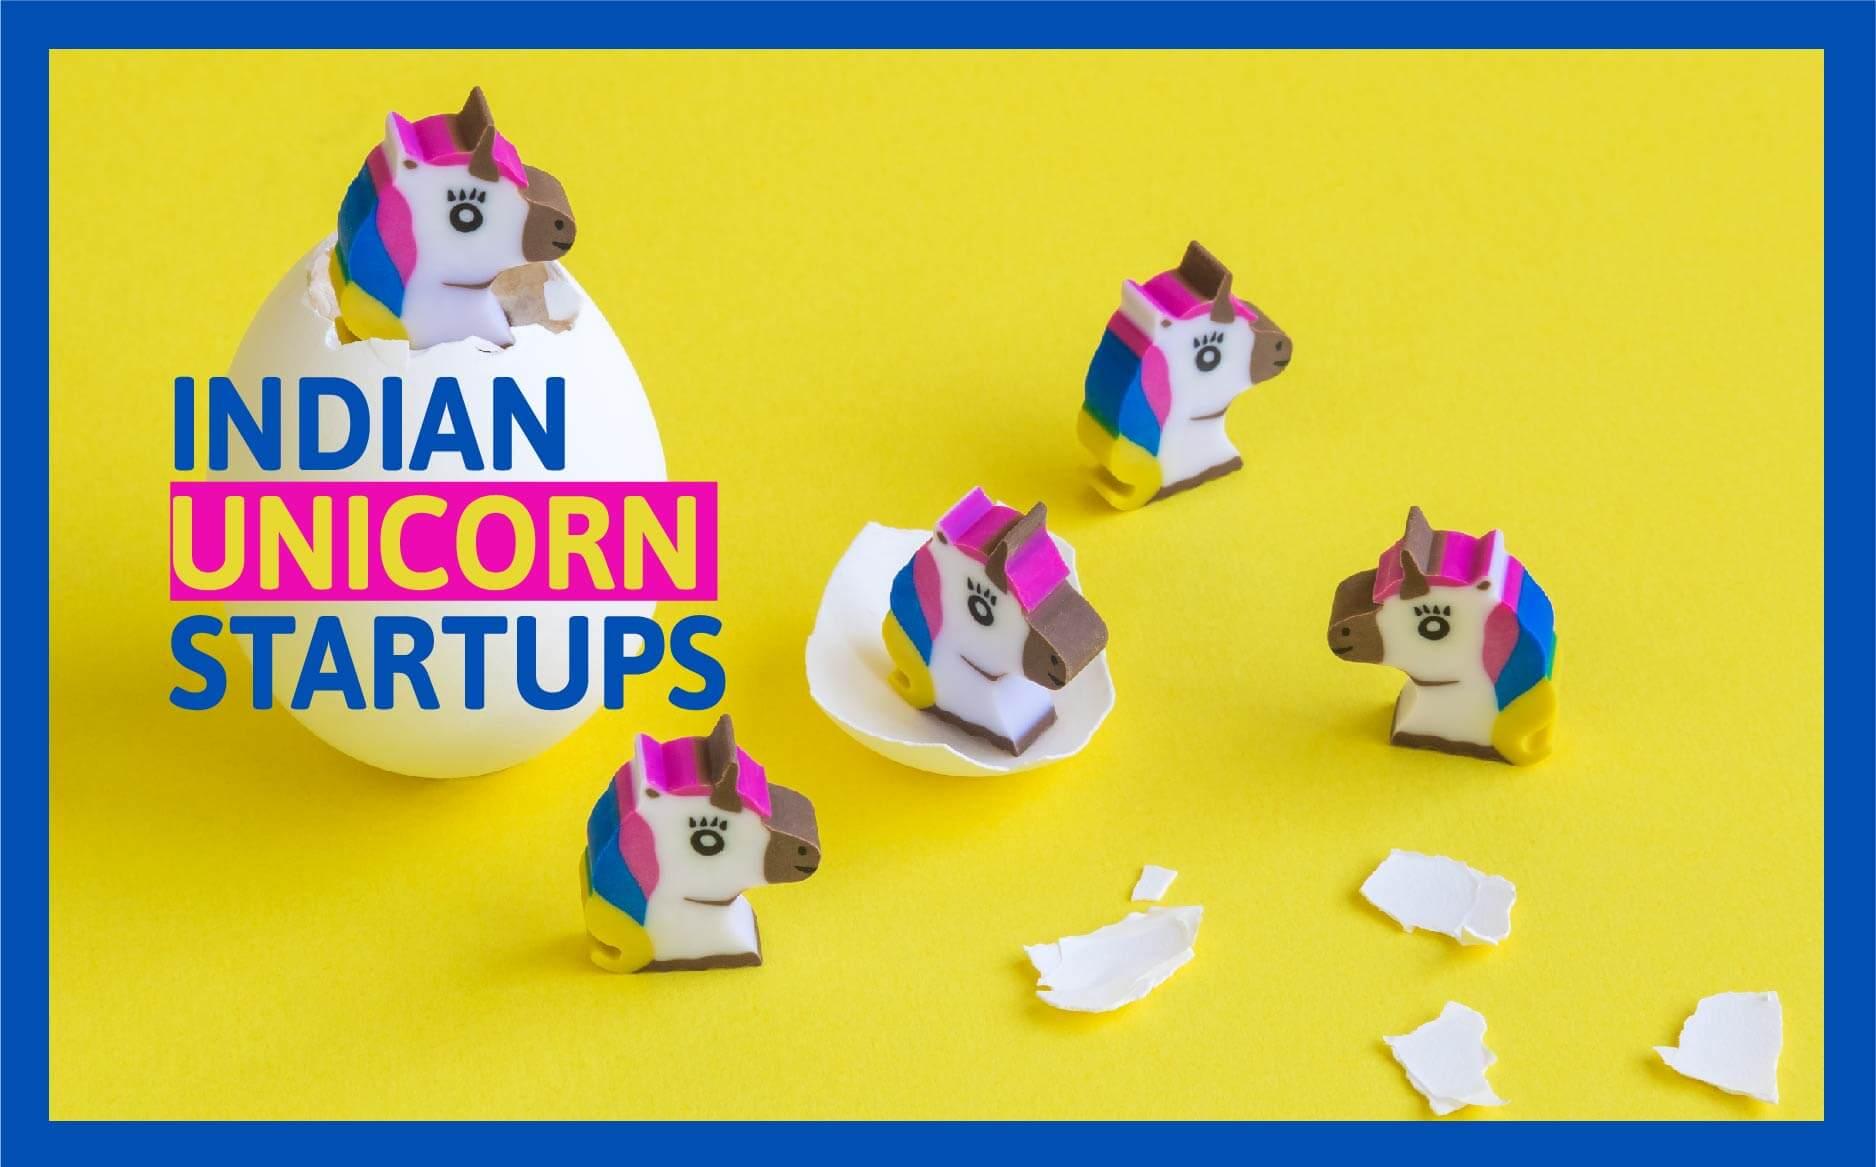 Unicron startup India | The Money Gig